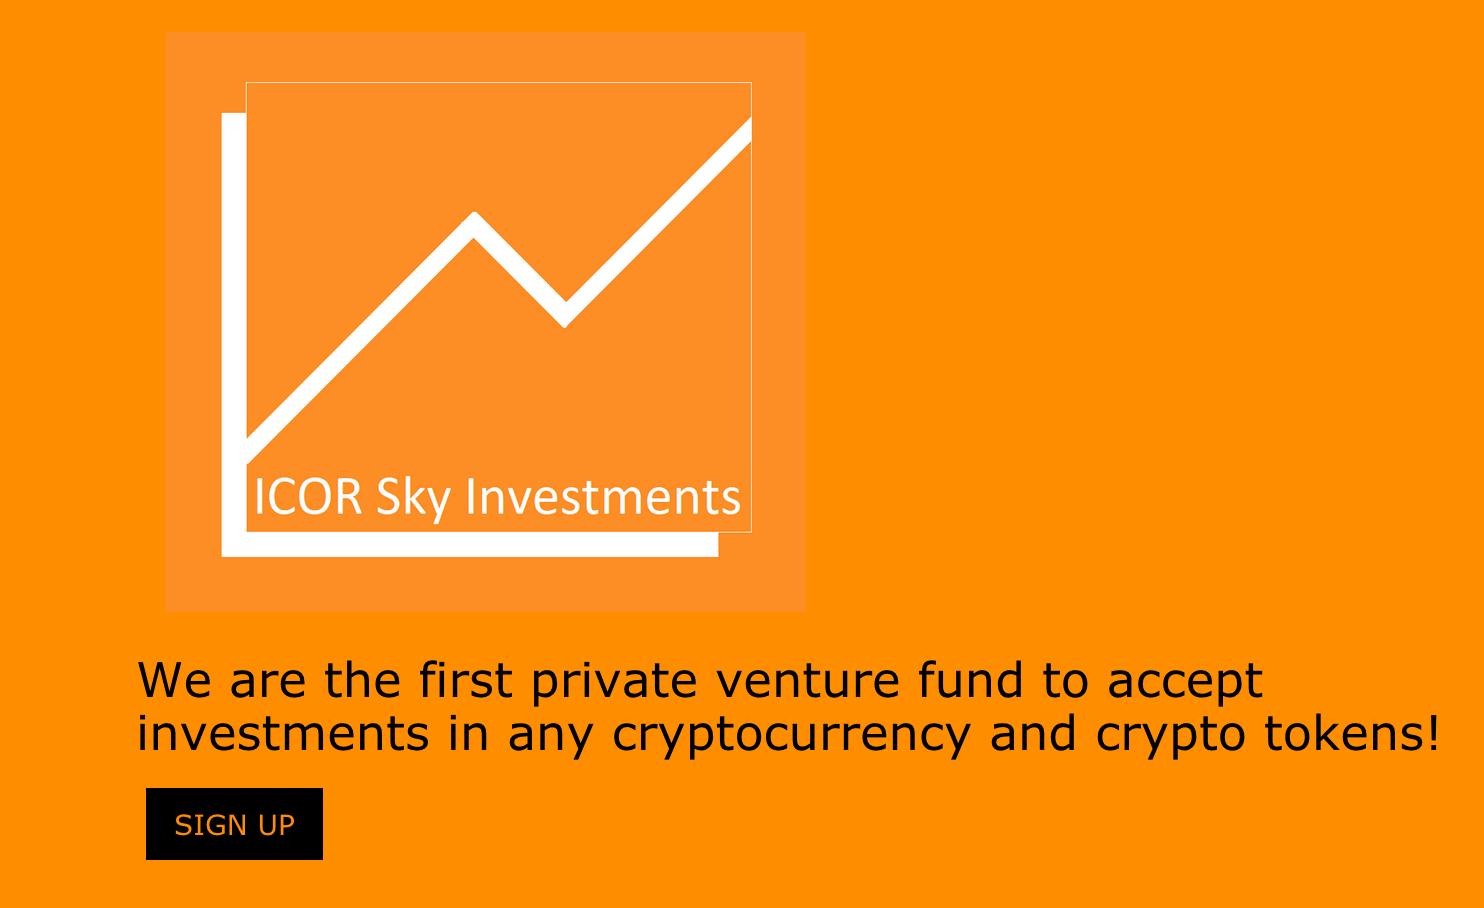 Венчурный фонд с инвестициями в криптовалюте